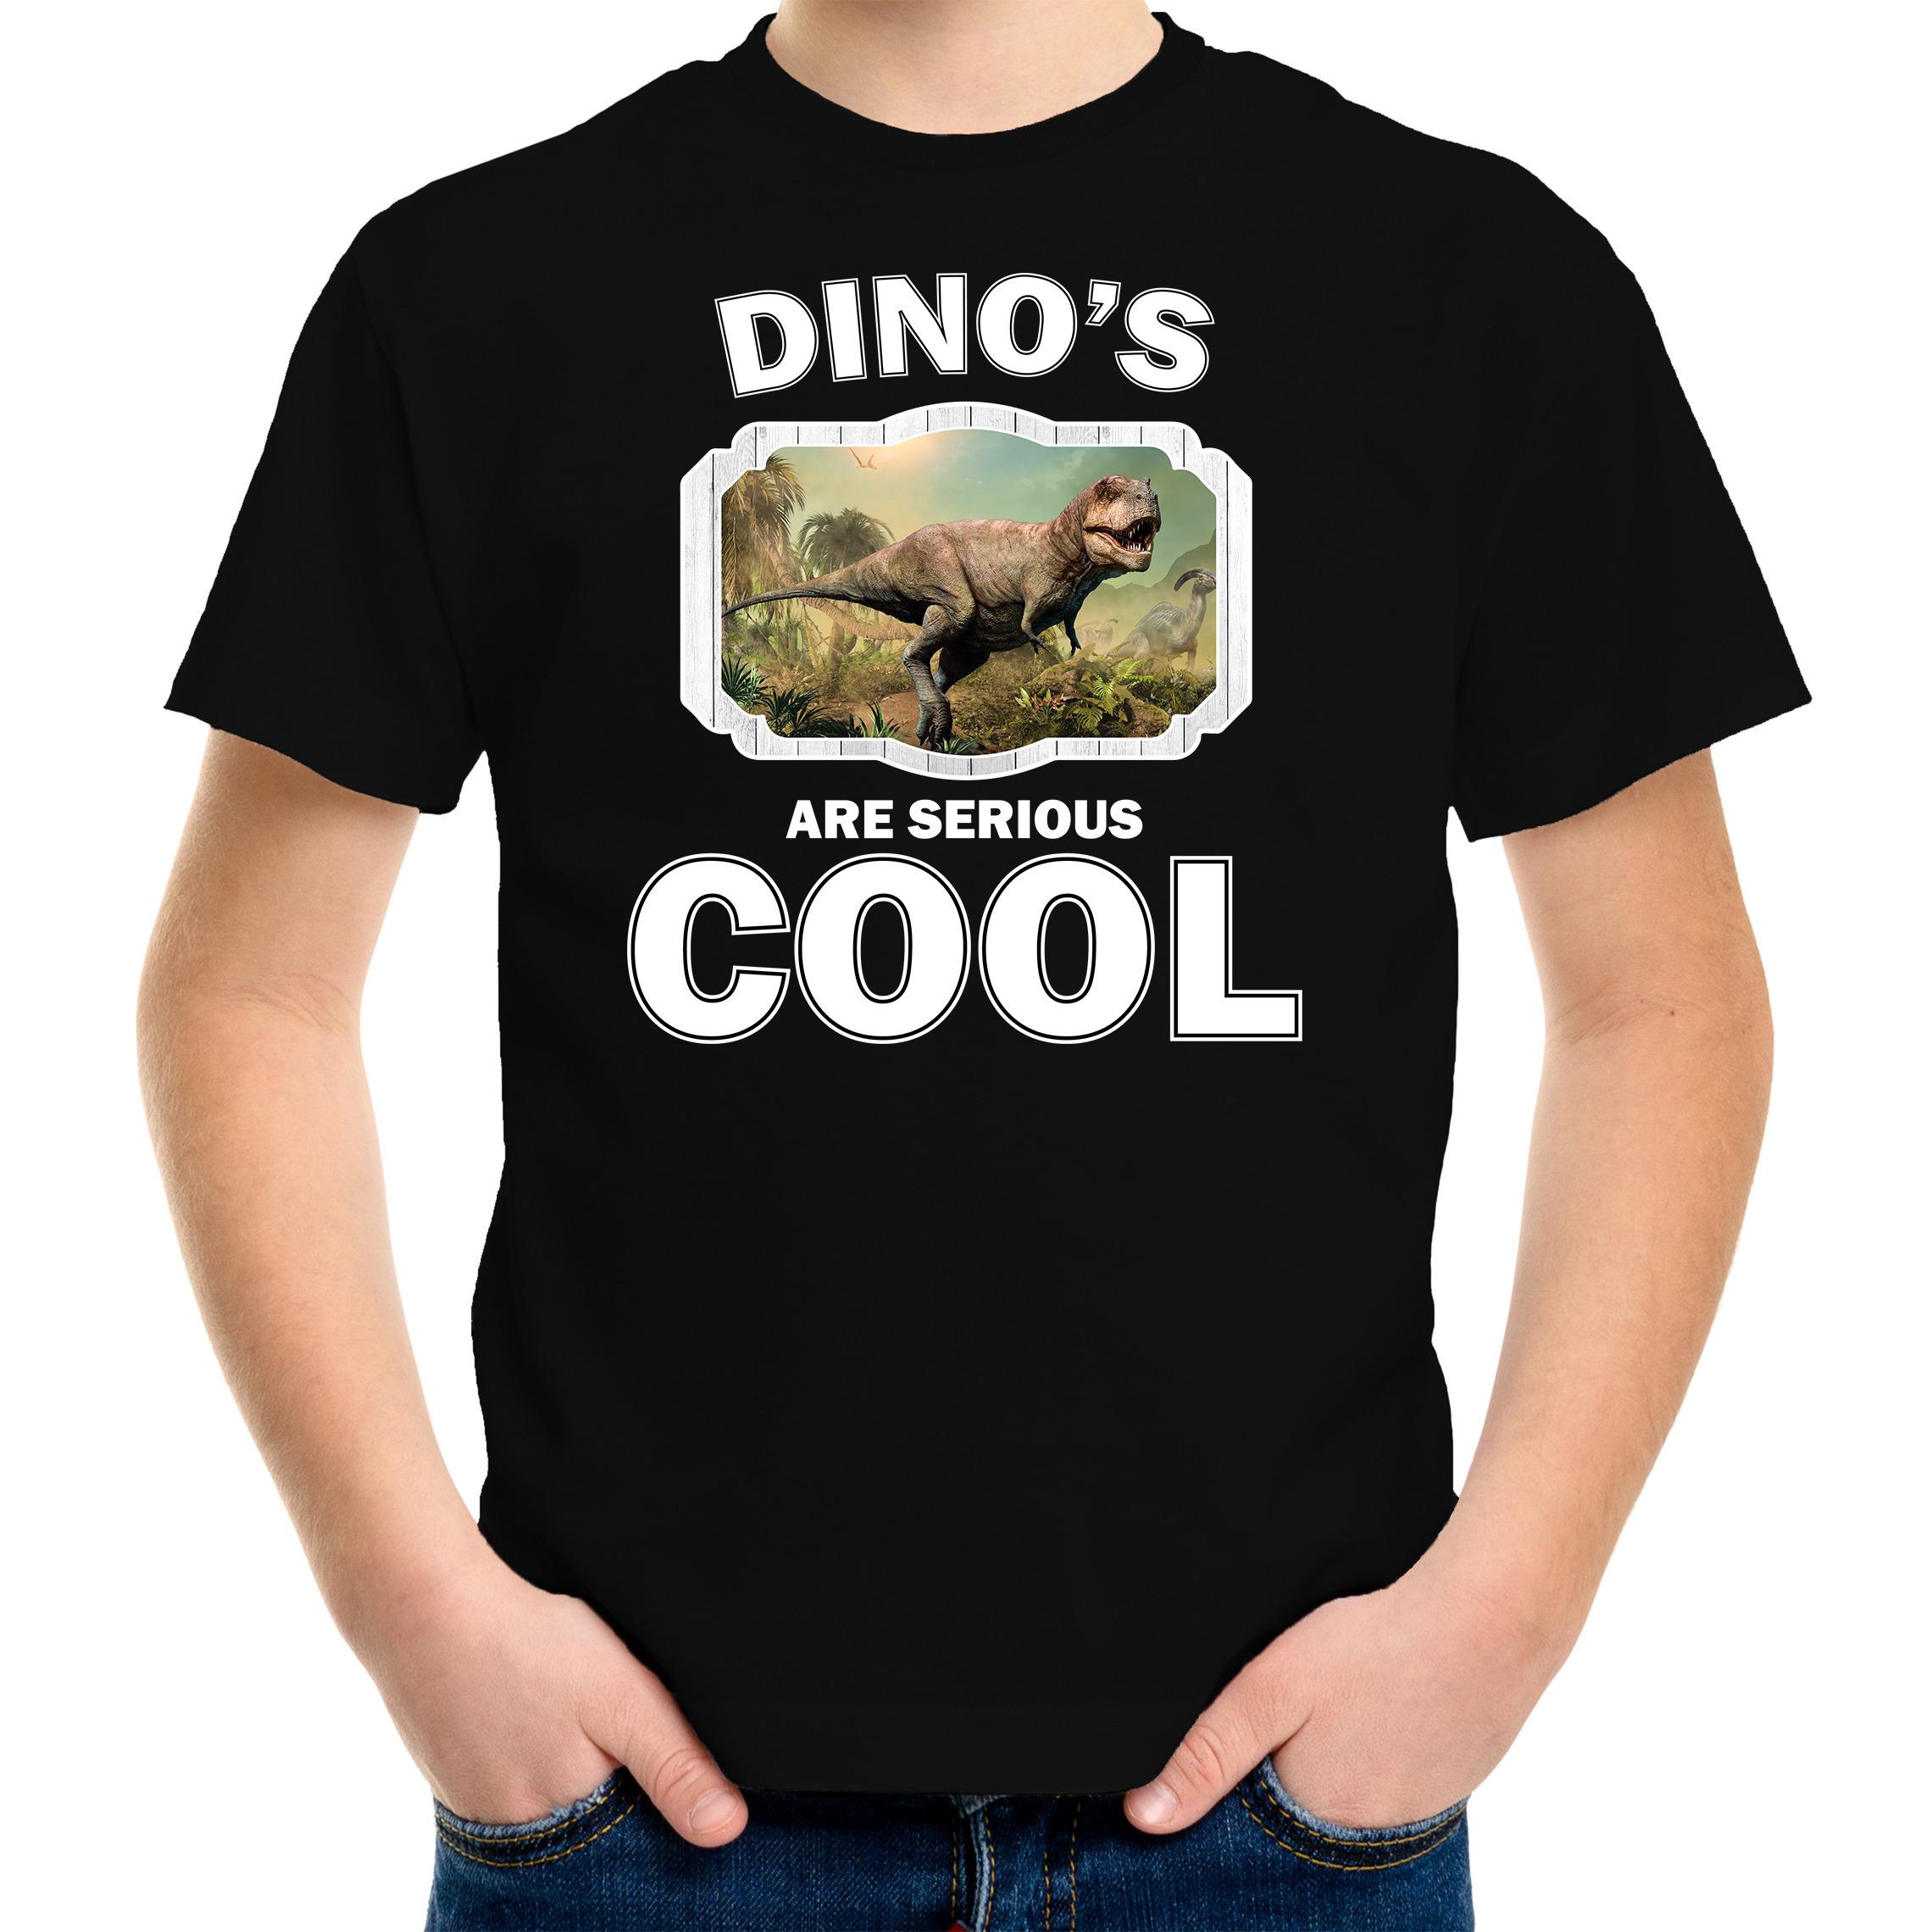 T-shirt dinosaurs are serious cool zwart kinderen - dinosaurussen/ stoere t-rex dinosaurus shirt